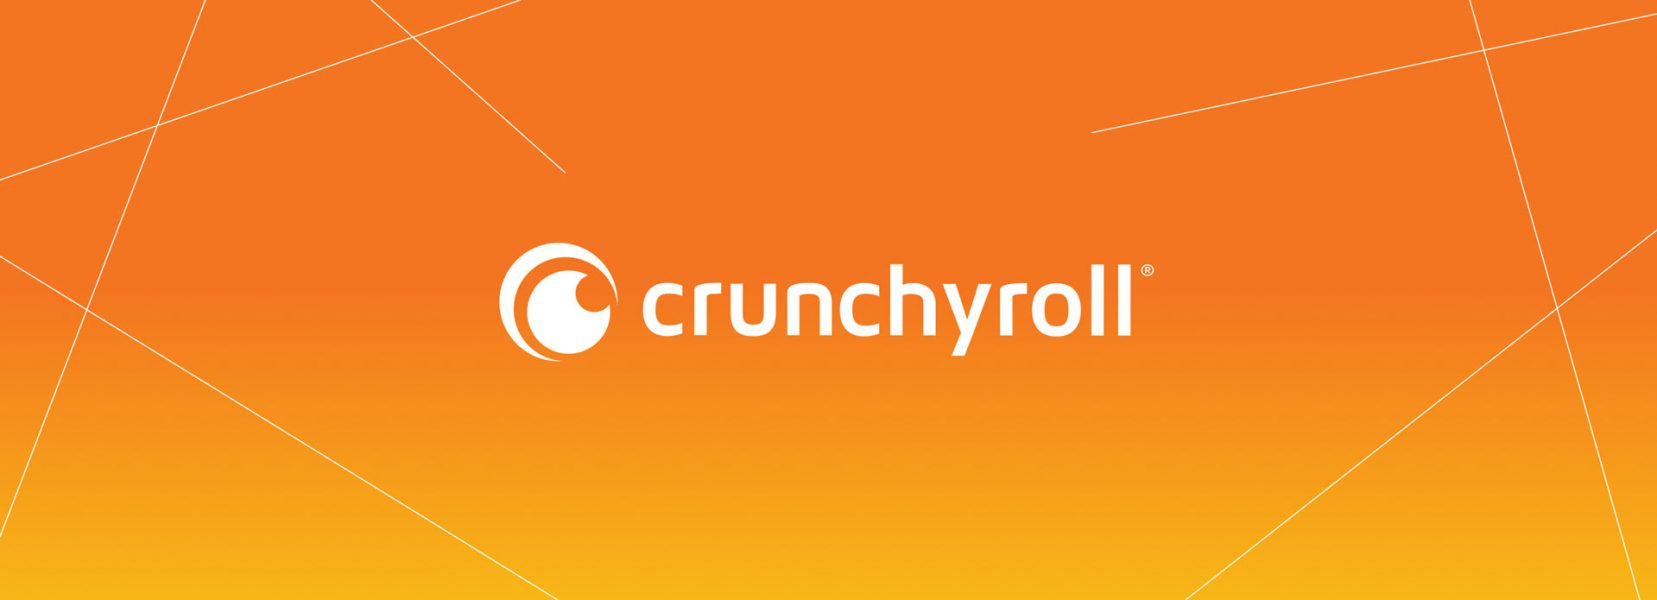 crunchyroll-logo